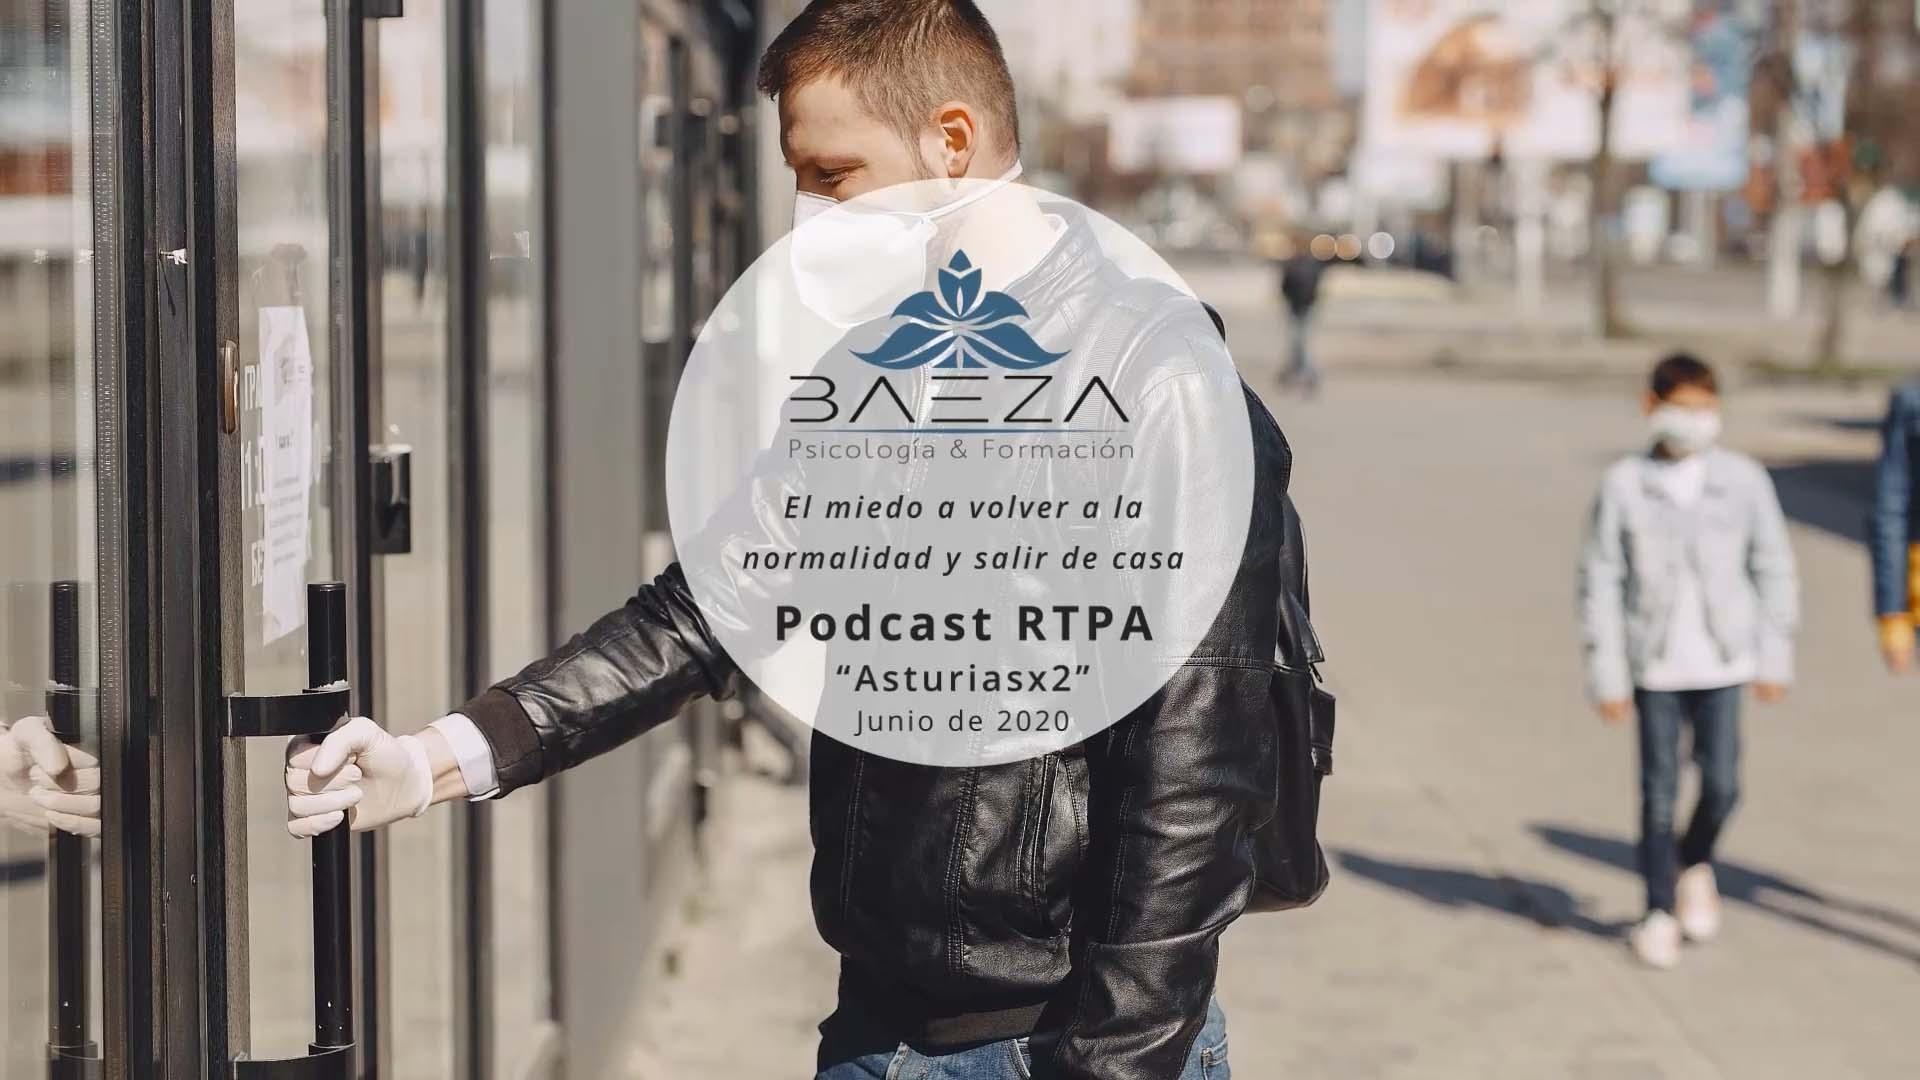 Podcast – RTPA Asturiasx2: El miedo a volver a la normalidad y salir de casa